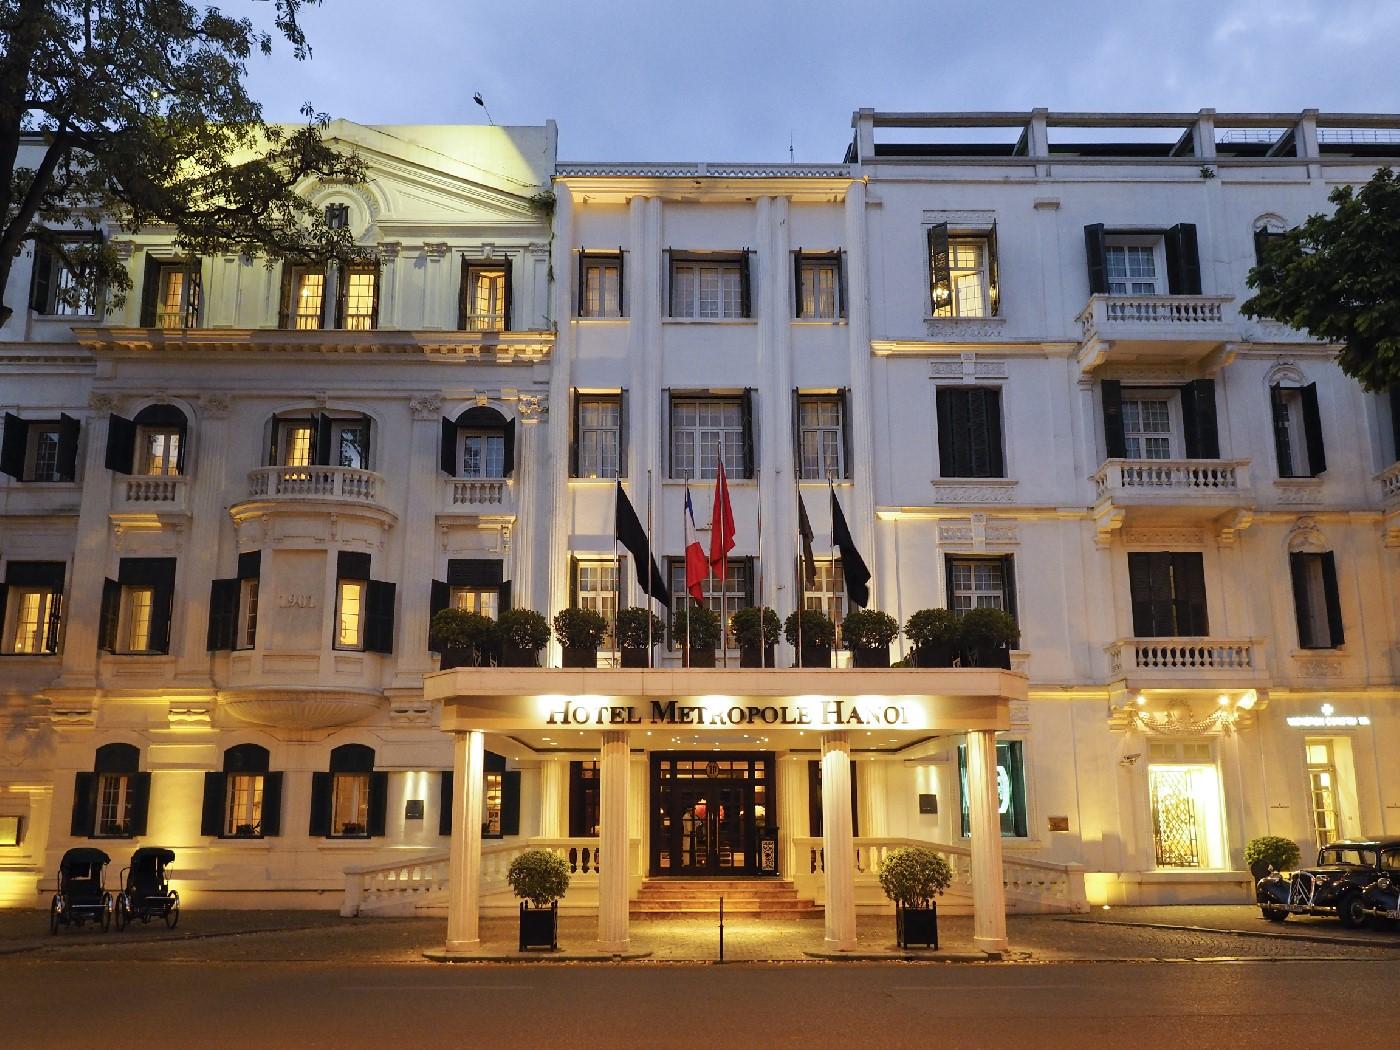 Hotel Metrpoloe Hanoi exterior